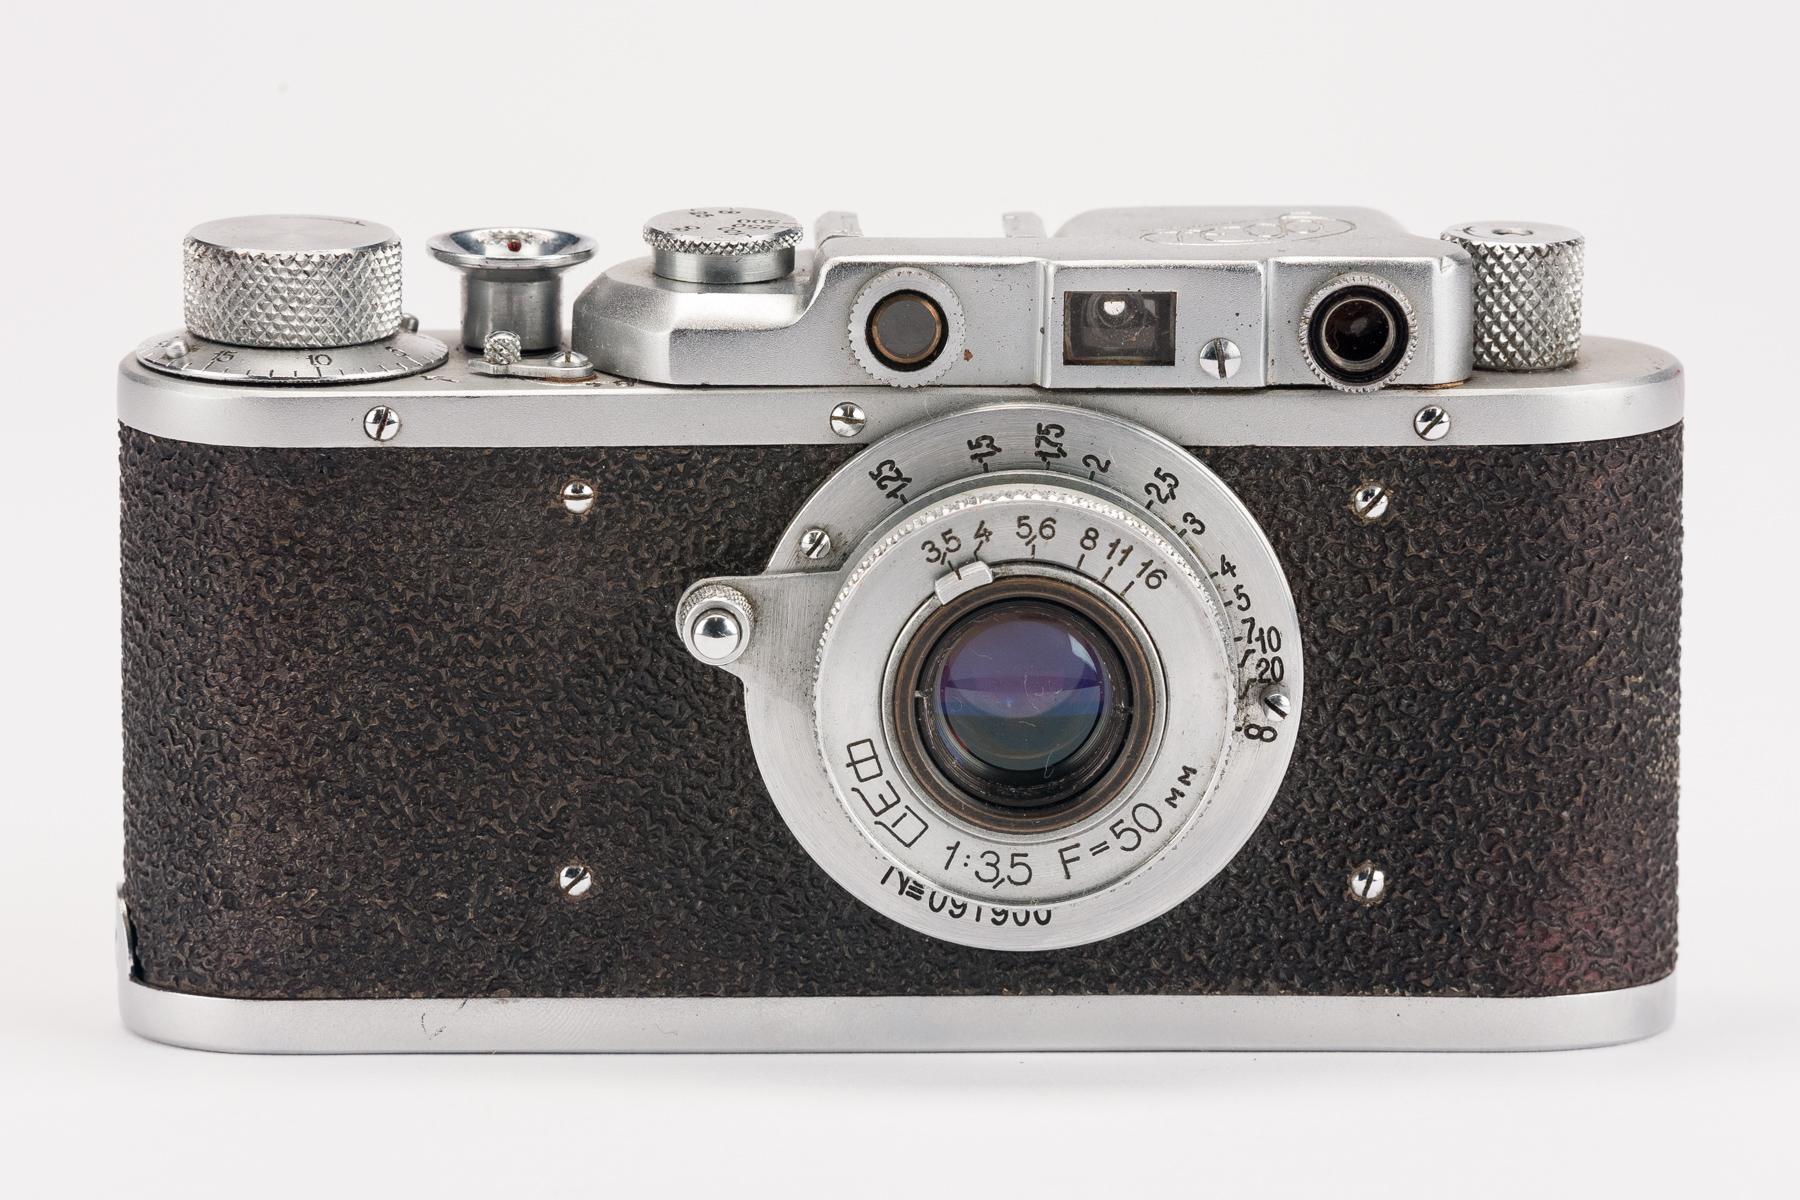 Analoge Fotografie Fed1 Russische Sucherkamera Leica Ii Nachbau Objektiv Fed 3.5 50mm Mit Sucher